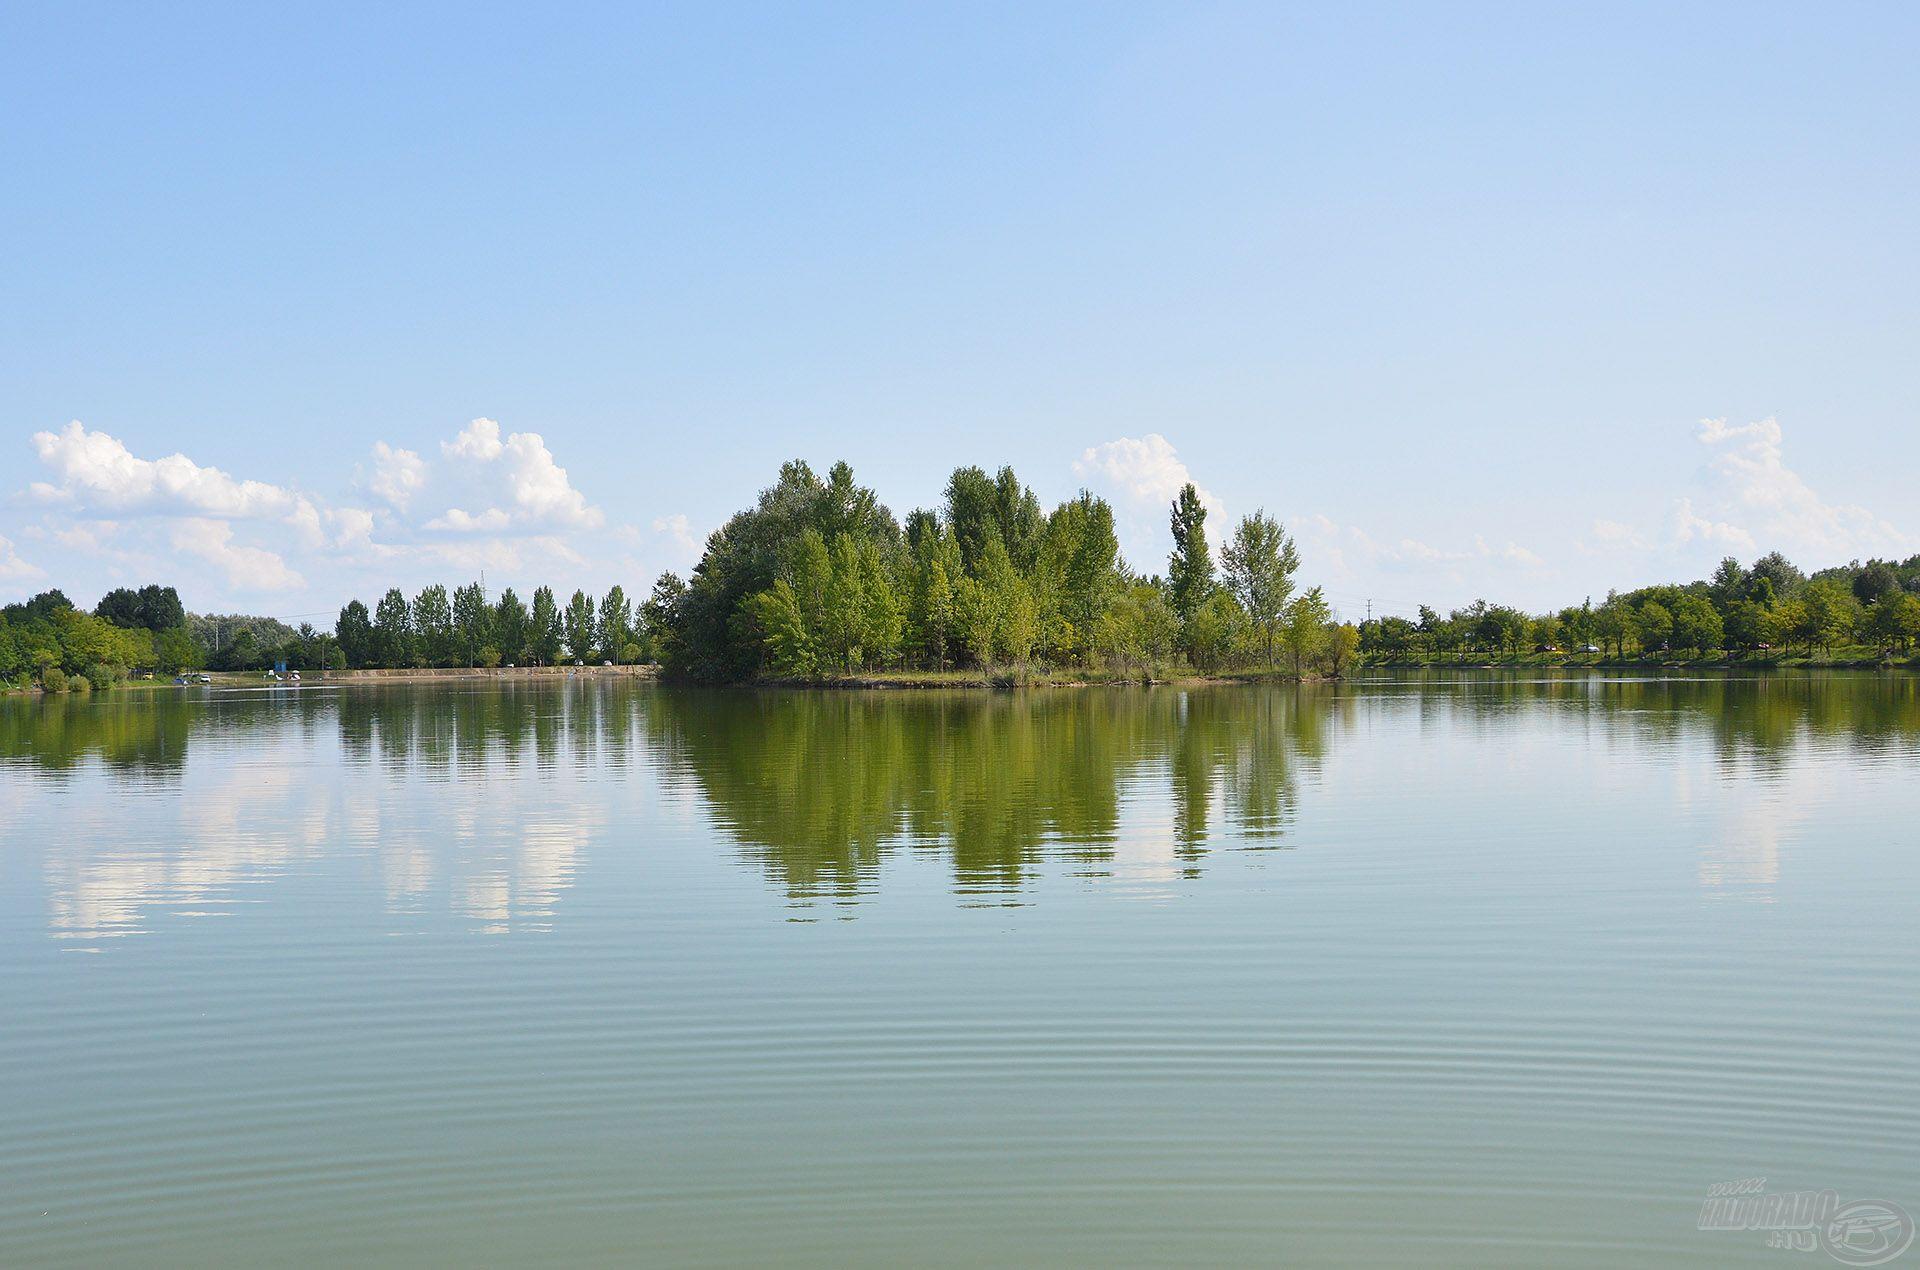 A mély, tiszta vizű kavicsbánya tavakon a teljes vízoszlopban érdemes keresni a halat! Megmutatjuk, mi ennek a legegyszerűbb módja feederbottal